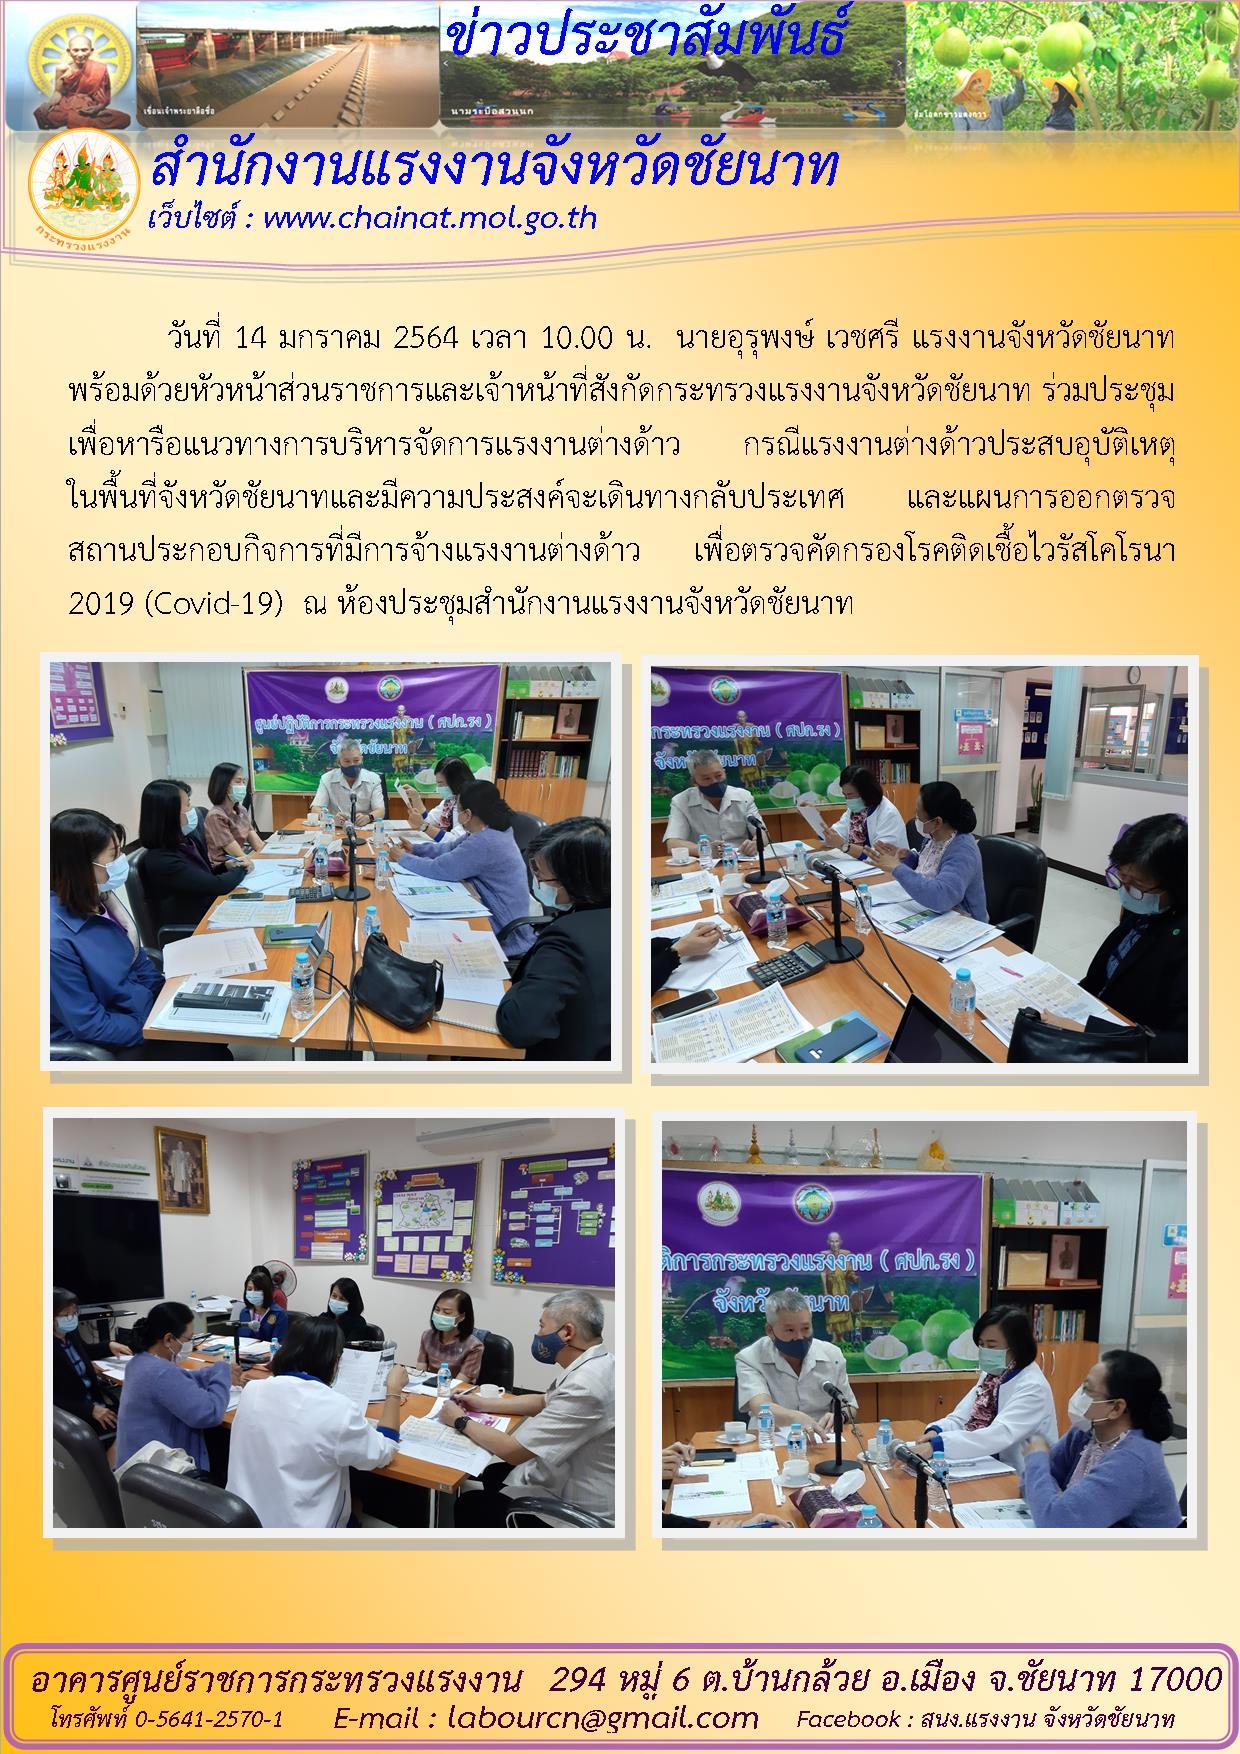 สำนักงานแรงงานจัดประชุมหารือแนวทางการบริหารจัดการแรงงานต่างด้าว และแผนการออกตรวจฯ